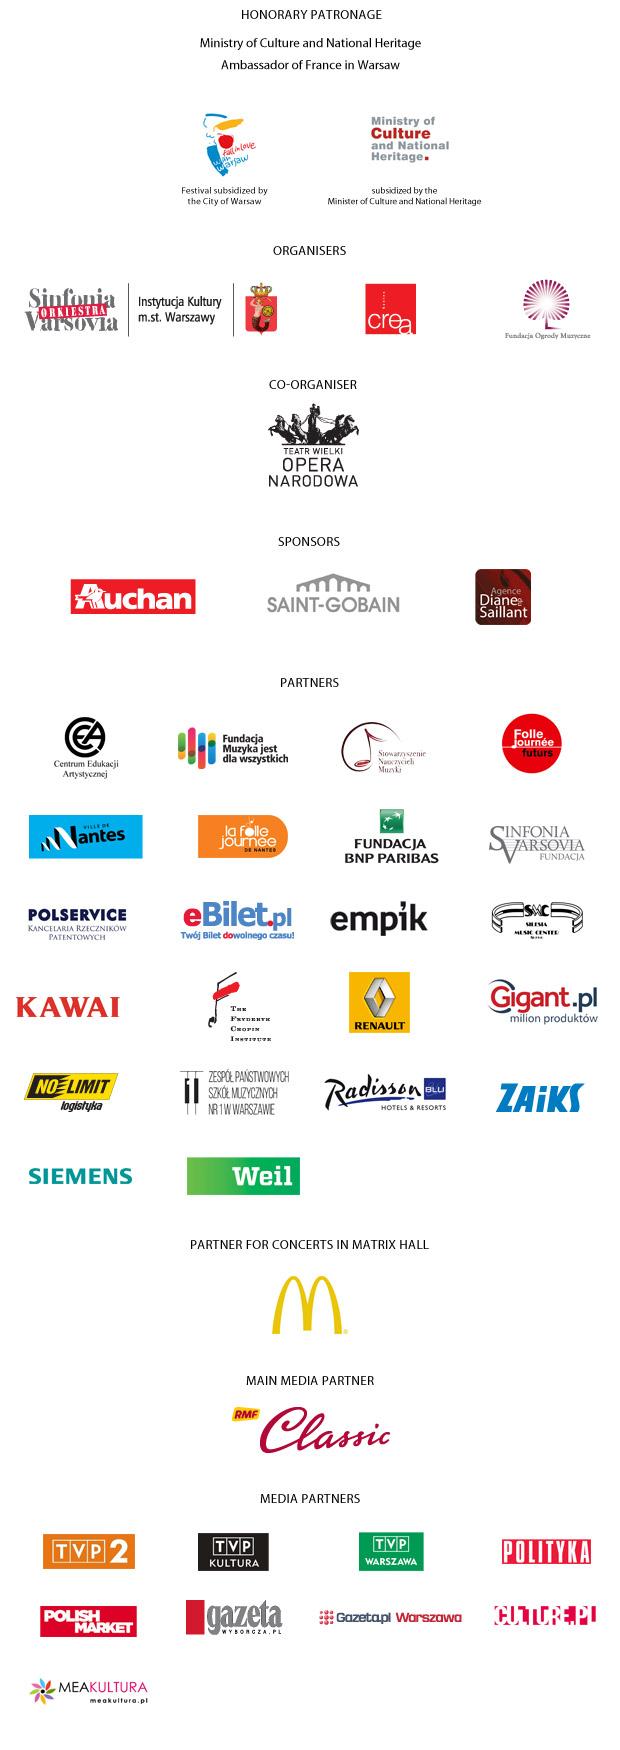 partnerzy-sdm-2014-11-en